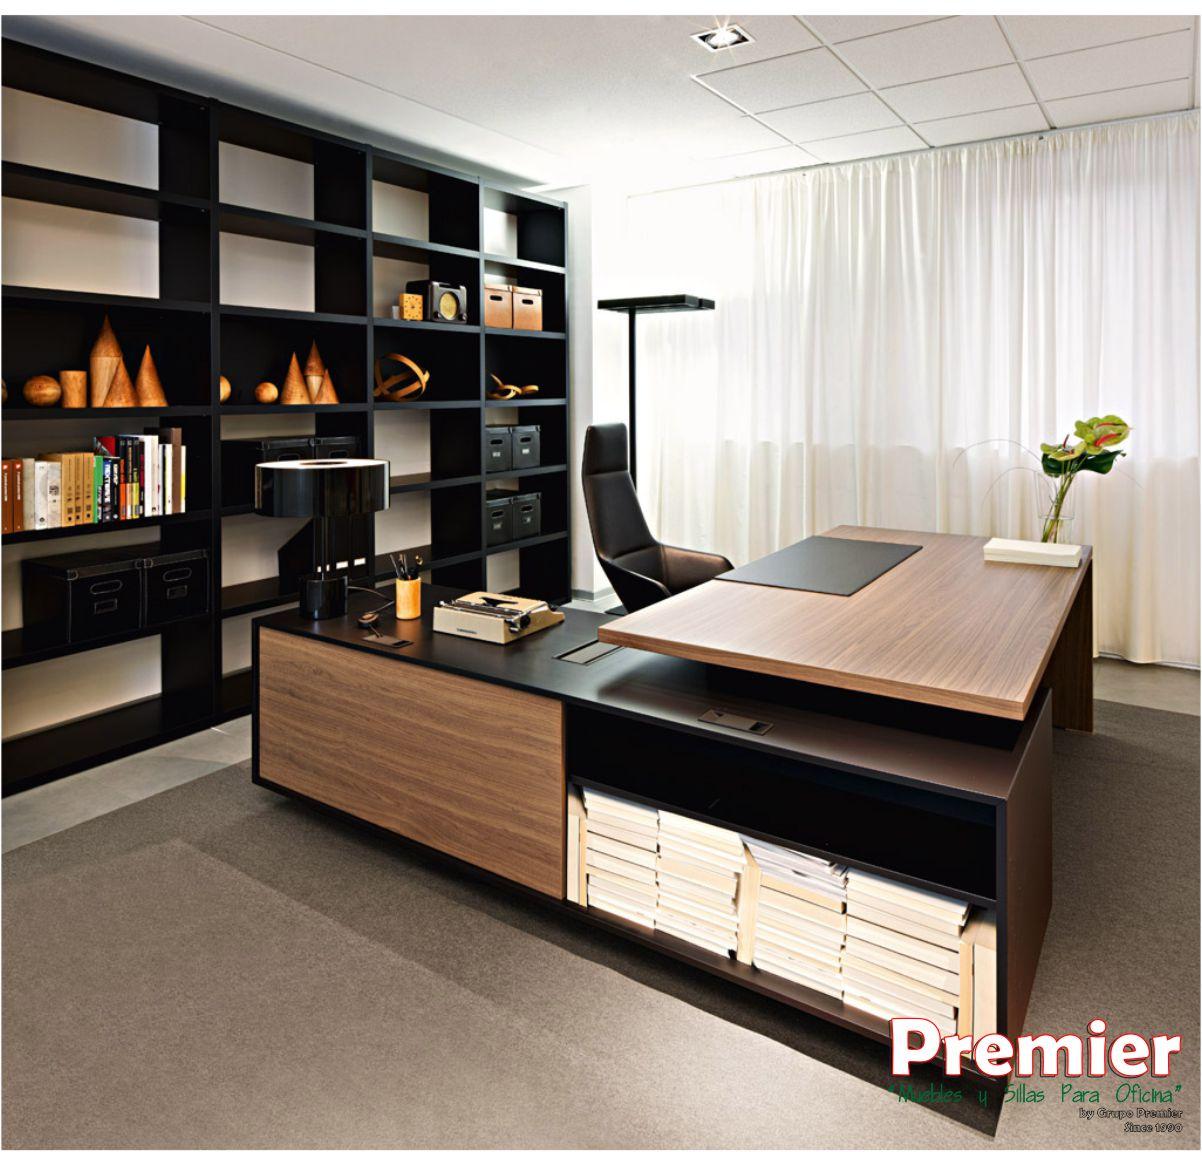 Productos (Muebles y Sillas Para Oficina)